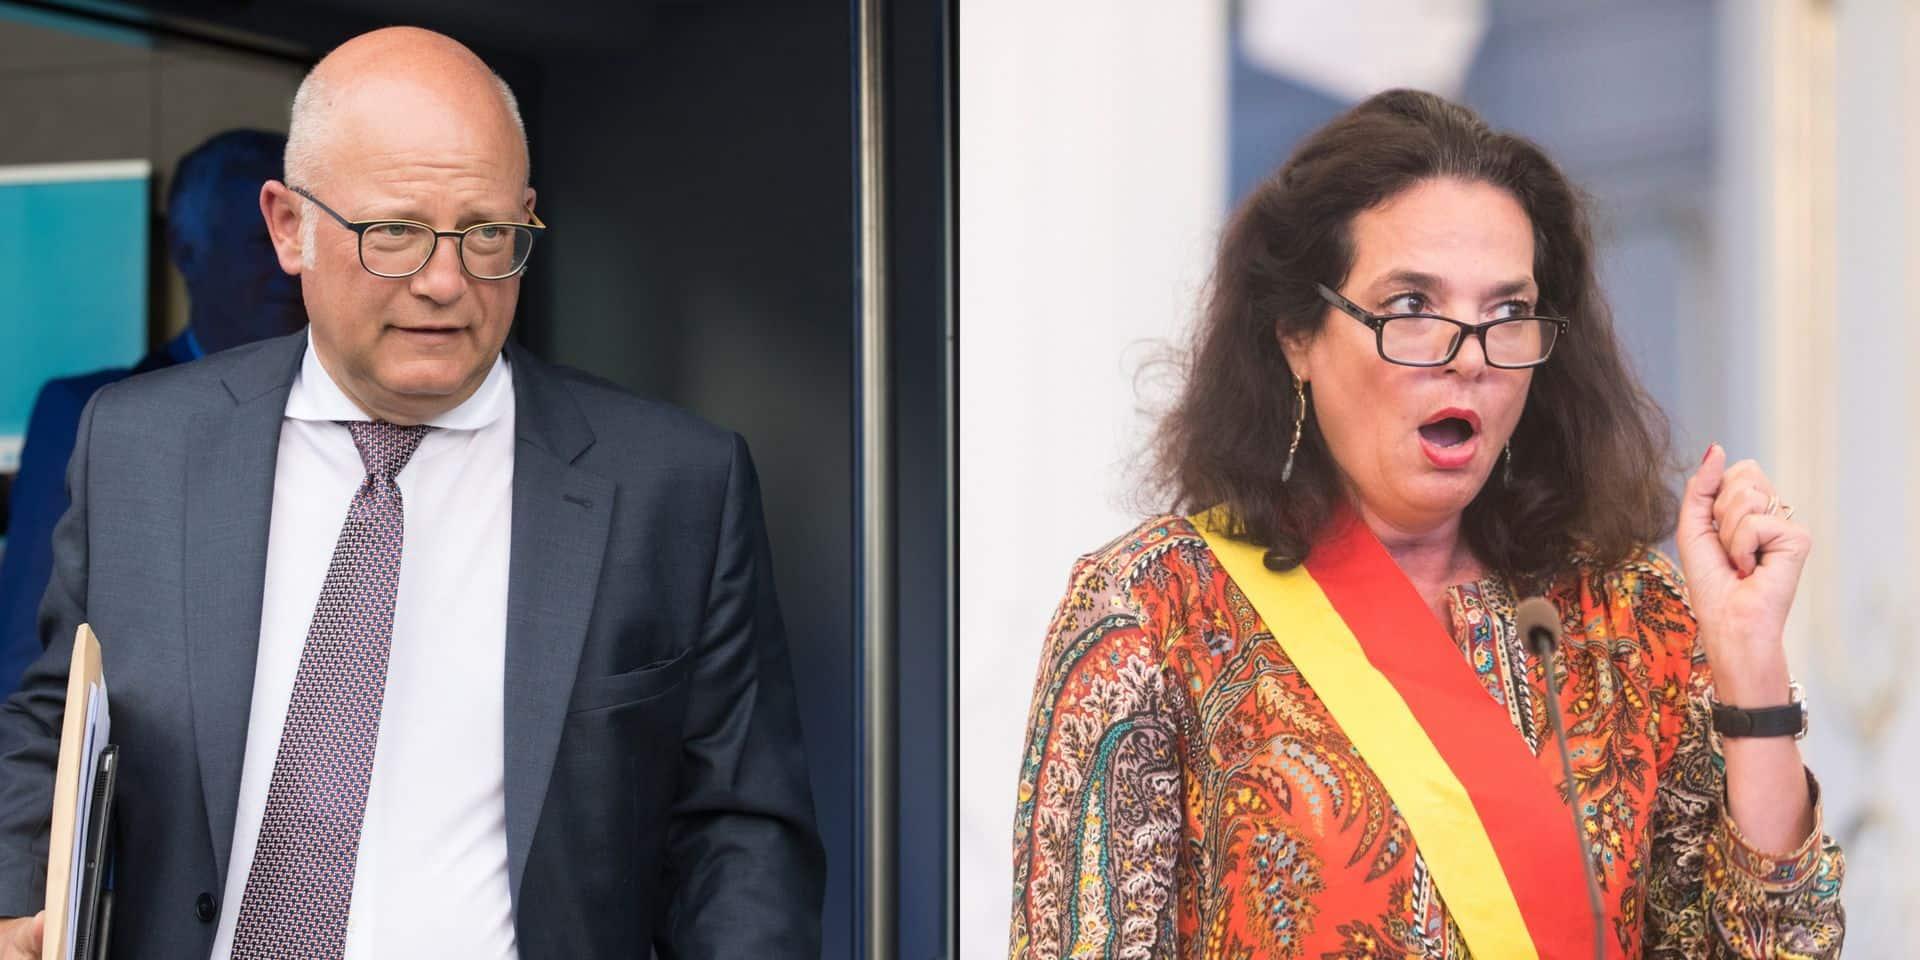 """Qui est derrière la tentative de putsch anonyme contre Charles Michel? Jean-Luc Crucke et Christine Defraigne l'assurent: """"Ce n'est pas nous"""""""